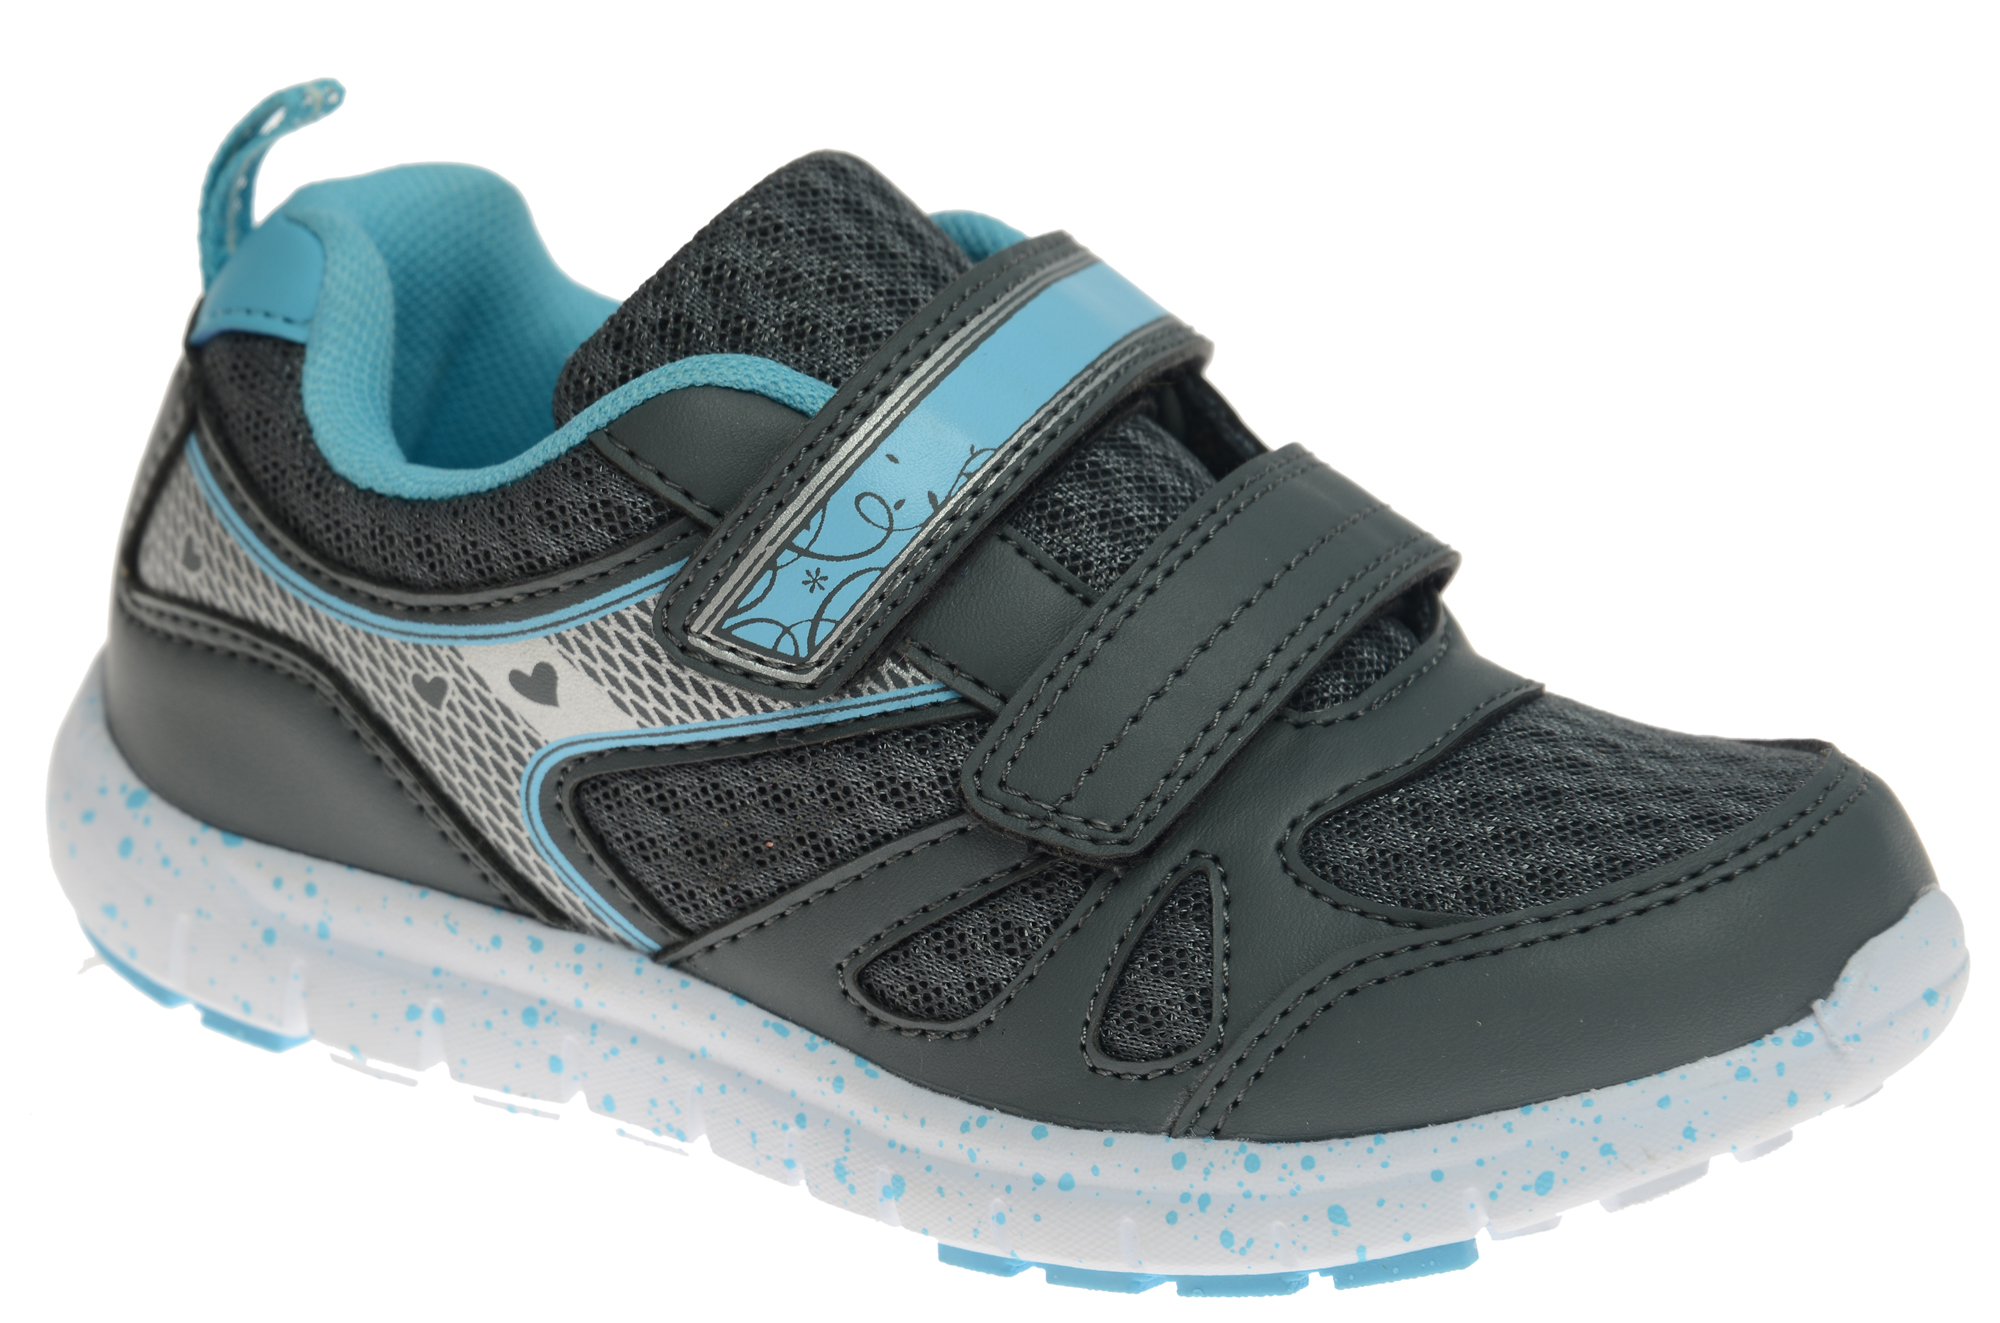 Кроссовки для мальчика Strobbs, цвет: серый. S1423-1. Размер 27S1423-1Стильные кроссовки для мальчика Strobbs отлично подойдут для активного отдыха и повседневной носки. Верх модели выполнен из дышащего текстиля со вставками из синтетической кожи. Удобные хлястики на липучке надежно зафиксируют модель на стопе. Особая форма подошвы из термопластичной резины обеспечит удобство при ходьбе.